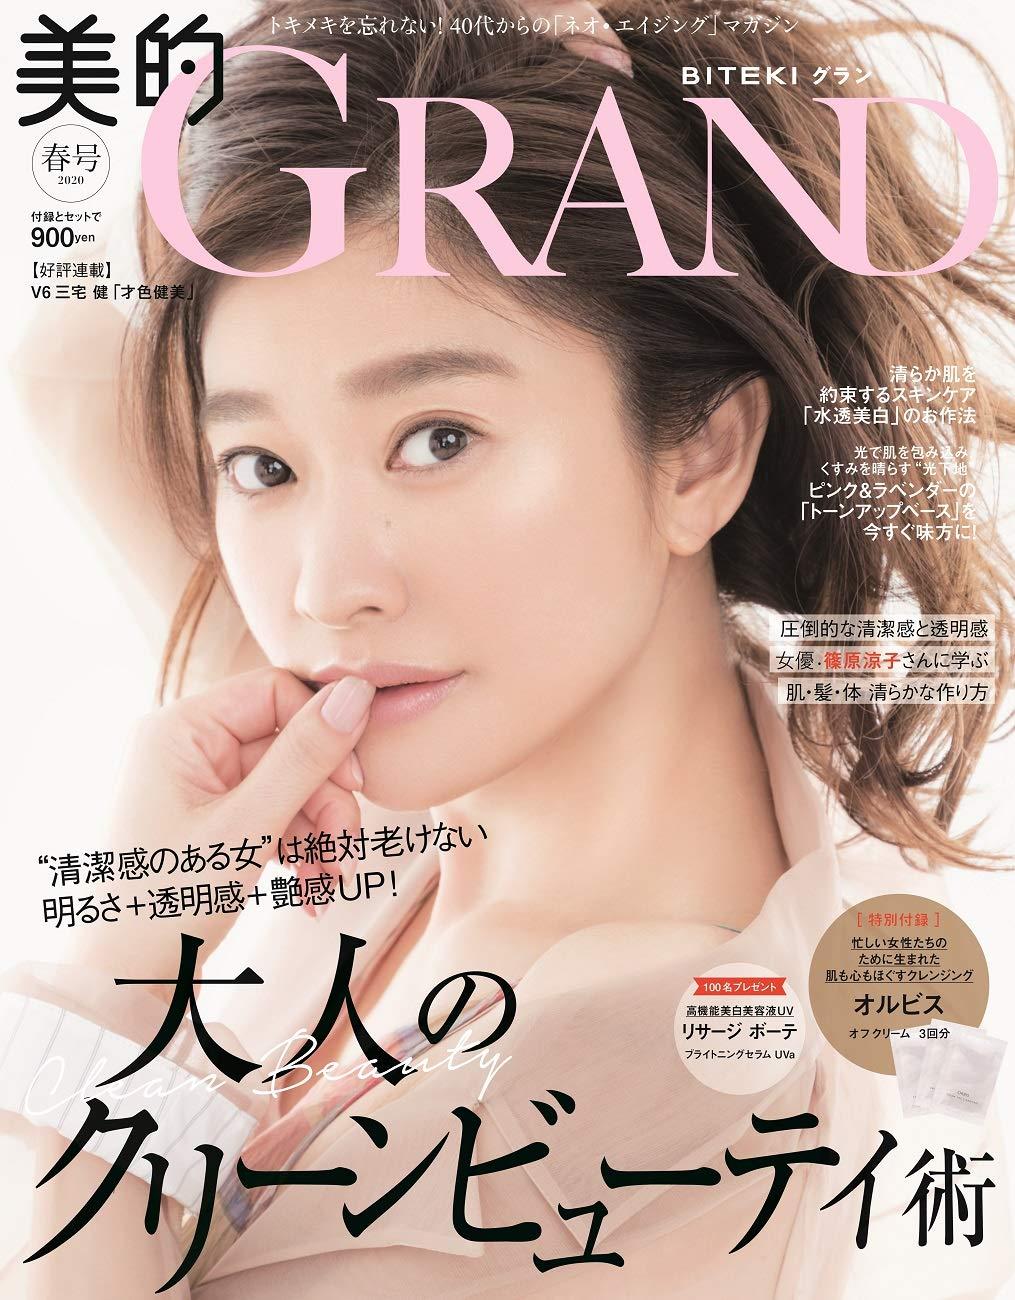 『美的GRAND(グラン) 2020春号』